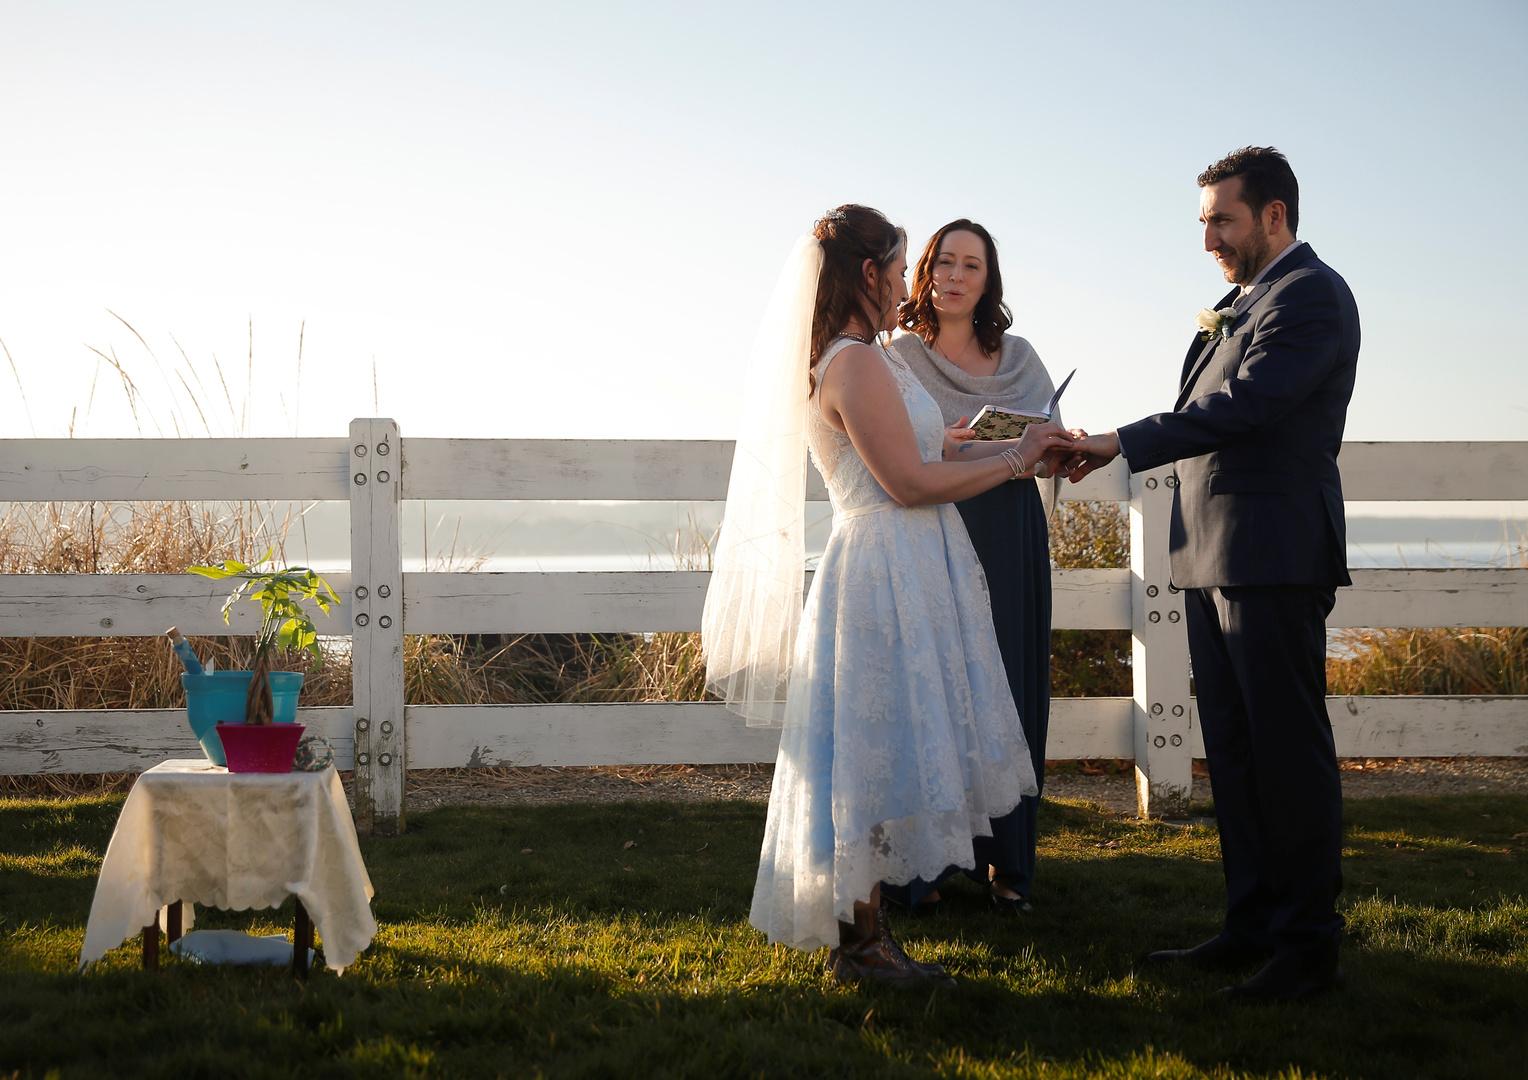 إجراءات جديدة للمناسبات في أستراليا لمواجهة كورونا.. يكفيكم حفل زفاف بخمسة مدعوين!